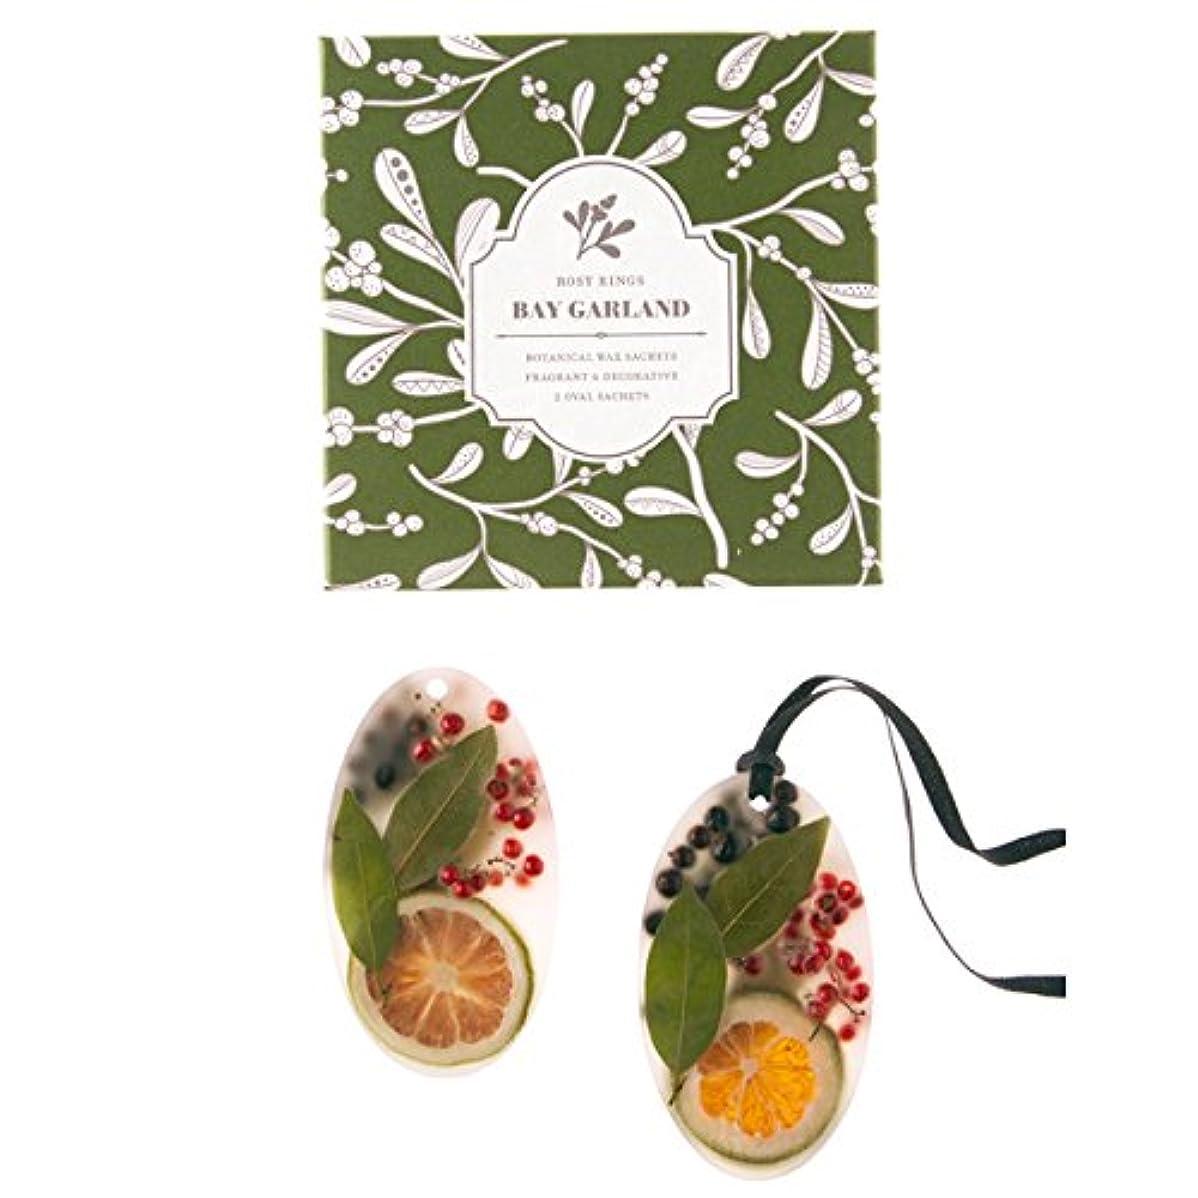 悪性のサーバ滞在ロージーリングス ボタニカルワックスサシェ オーバル ベイガーランド ROSY RINGS Signature Collection Botanical Wax Sachets – Bay Garland